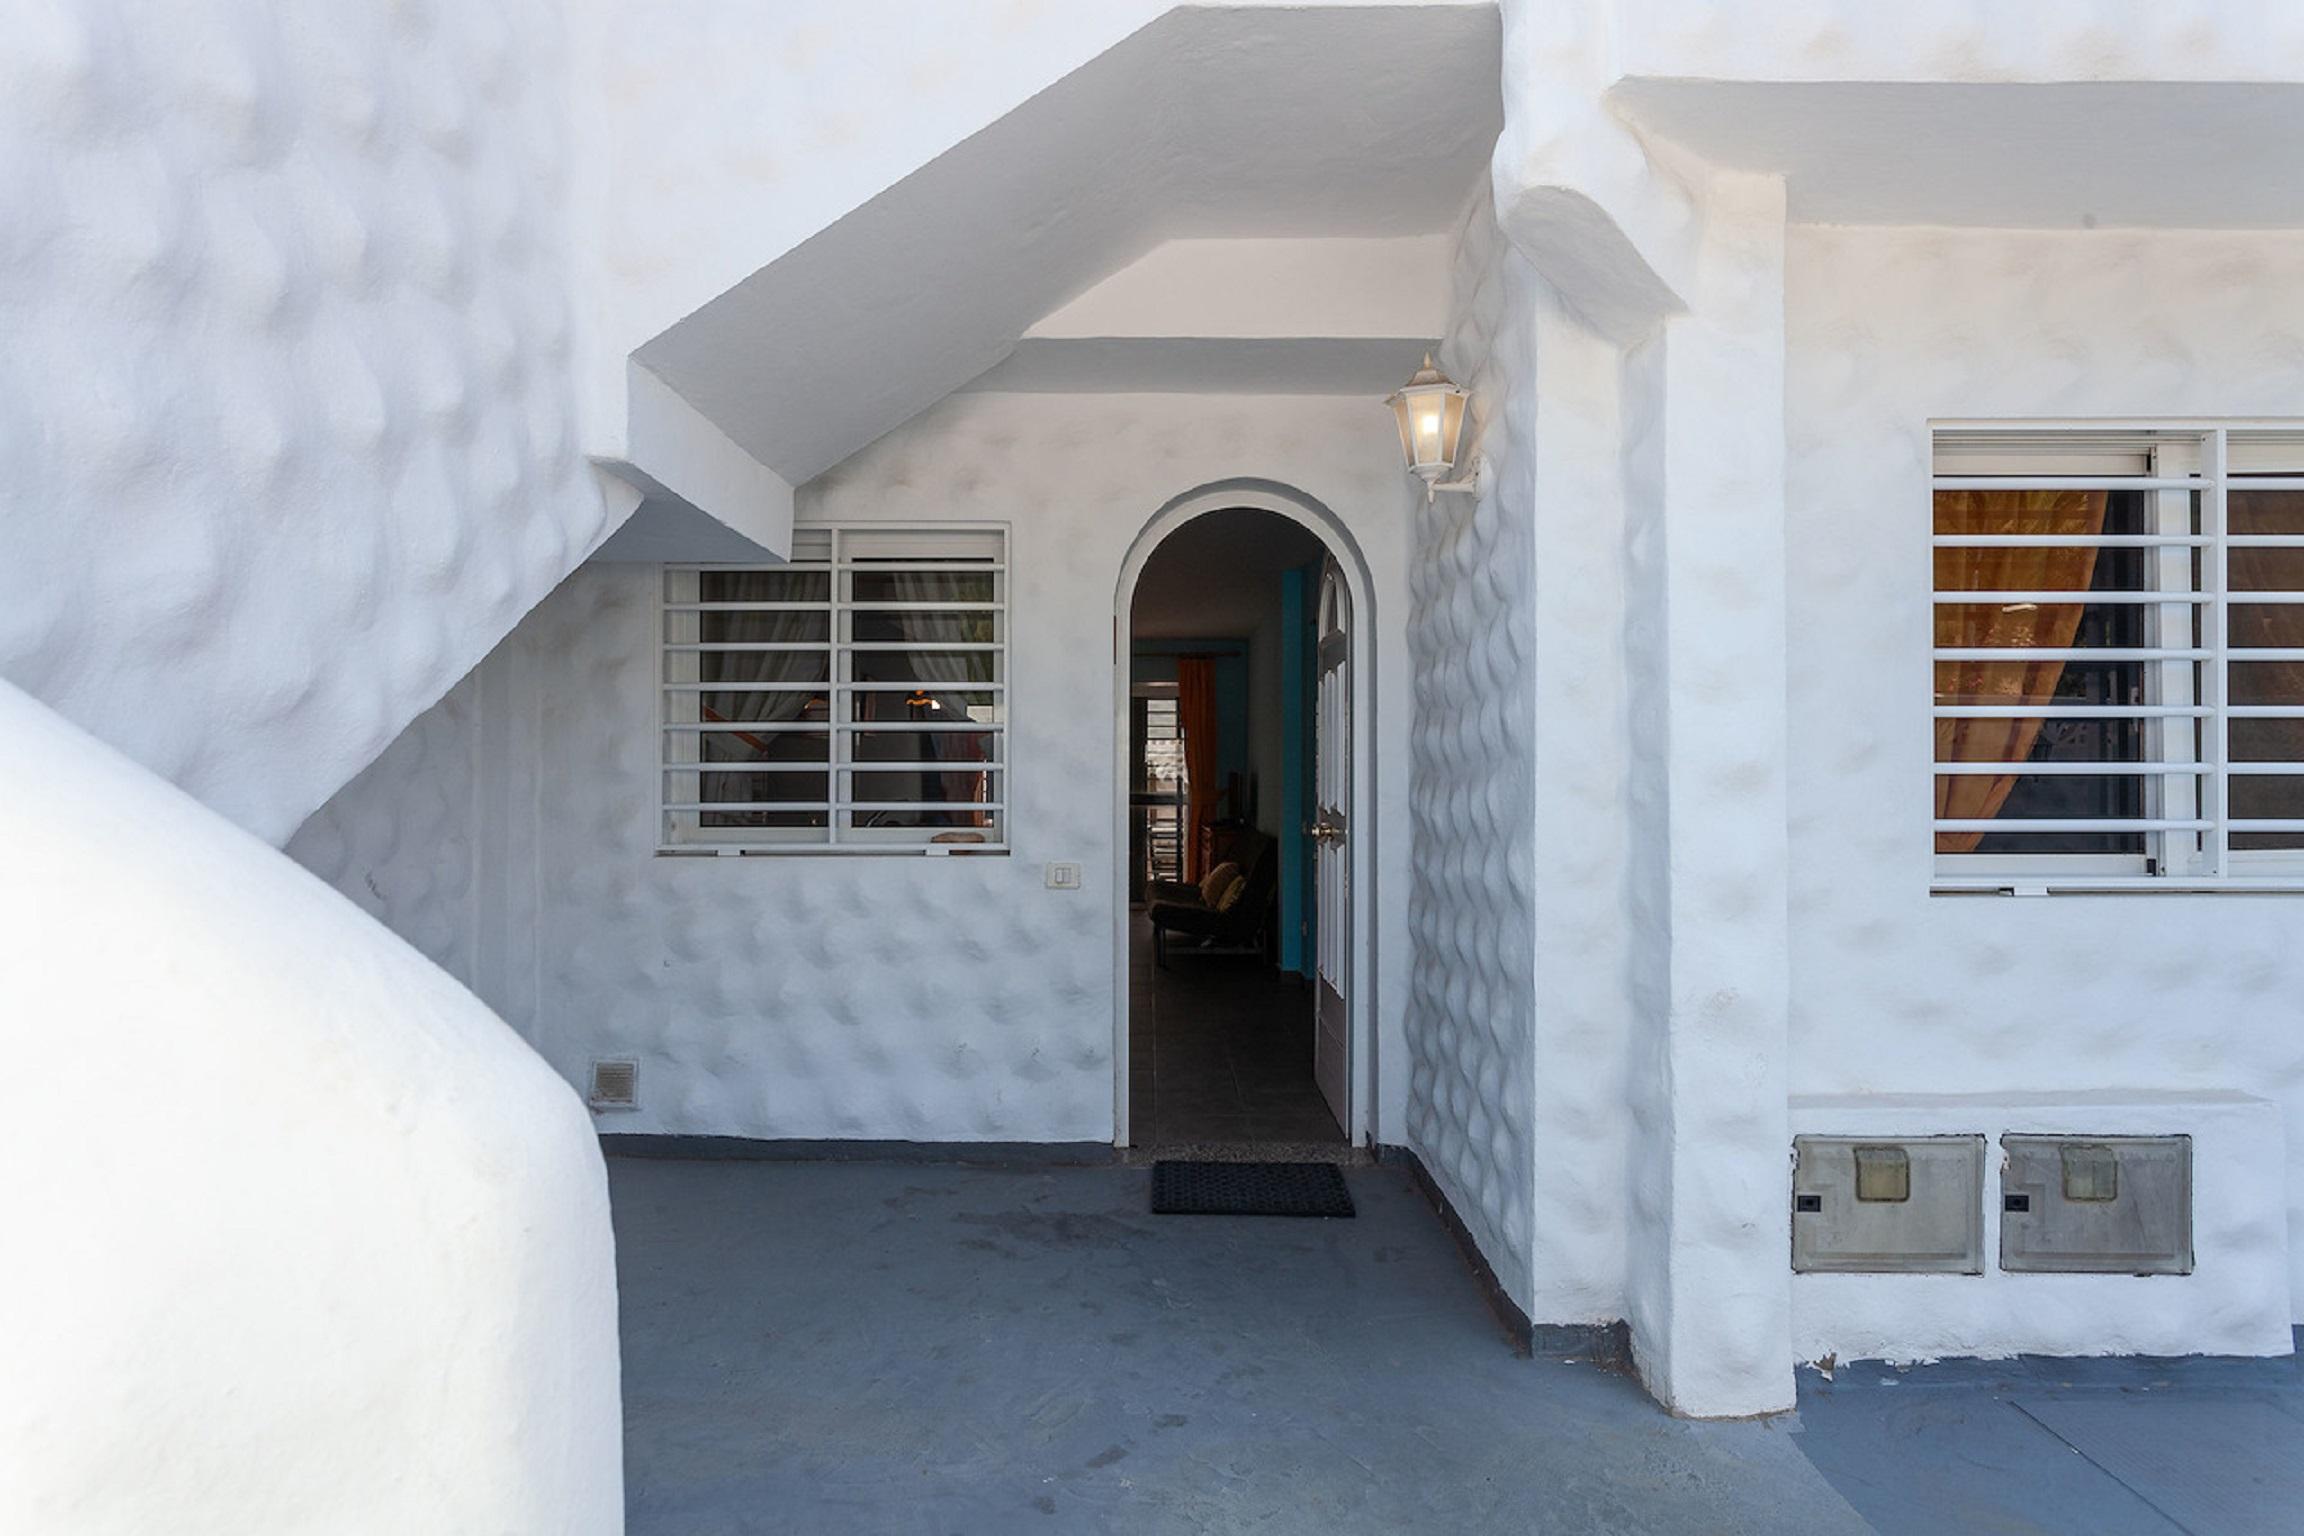 Ferienwohnung Apartment in Strandnhe mit groer Terrasse, Wlan und Parkplatz (2628896), Costa Calma, Fuerteventura, Kanarische Inseln, Spanien, Bild 23